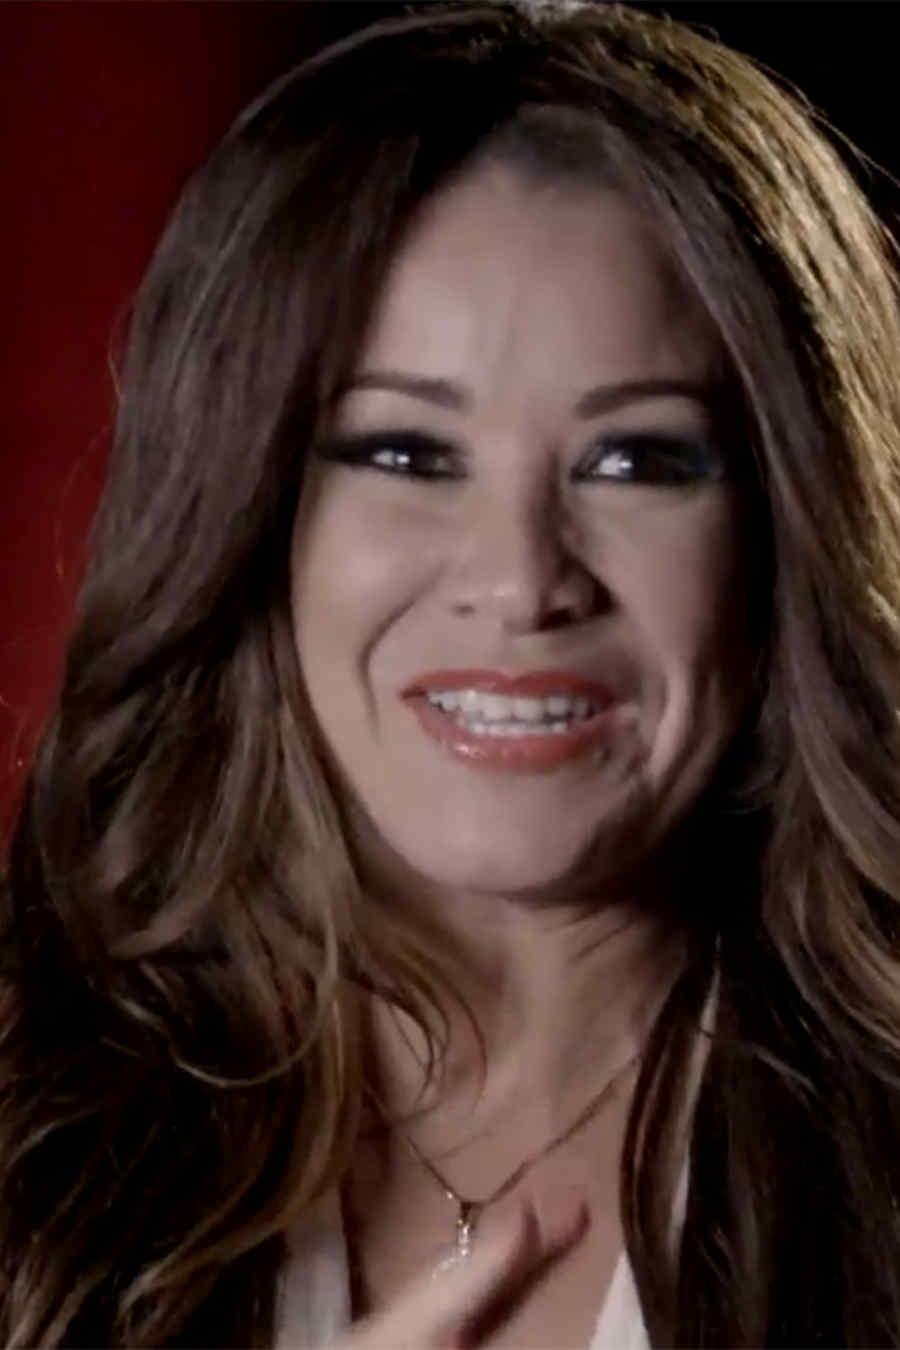 El reto de horror con Carolina Sandoval